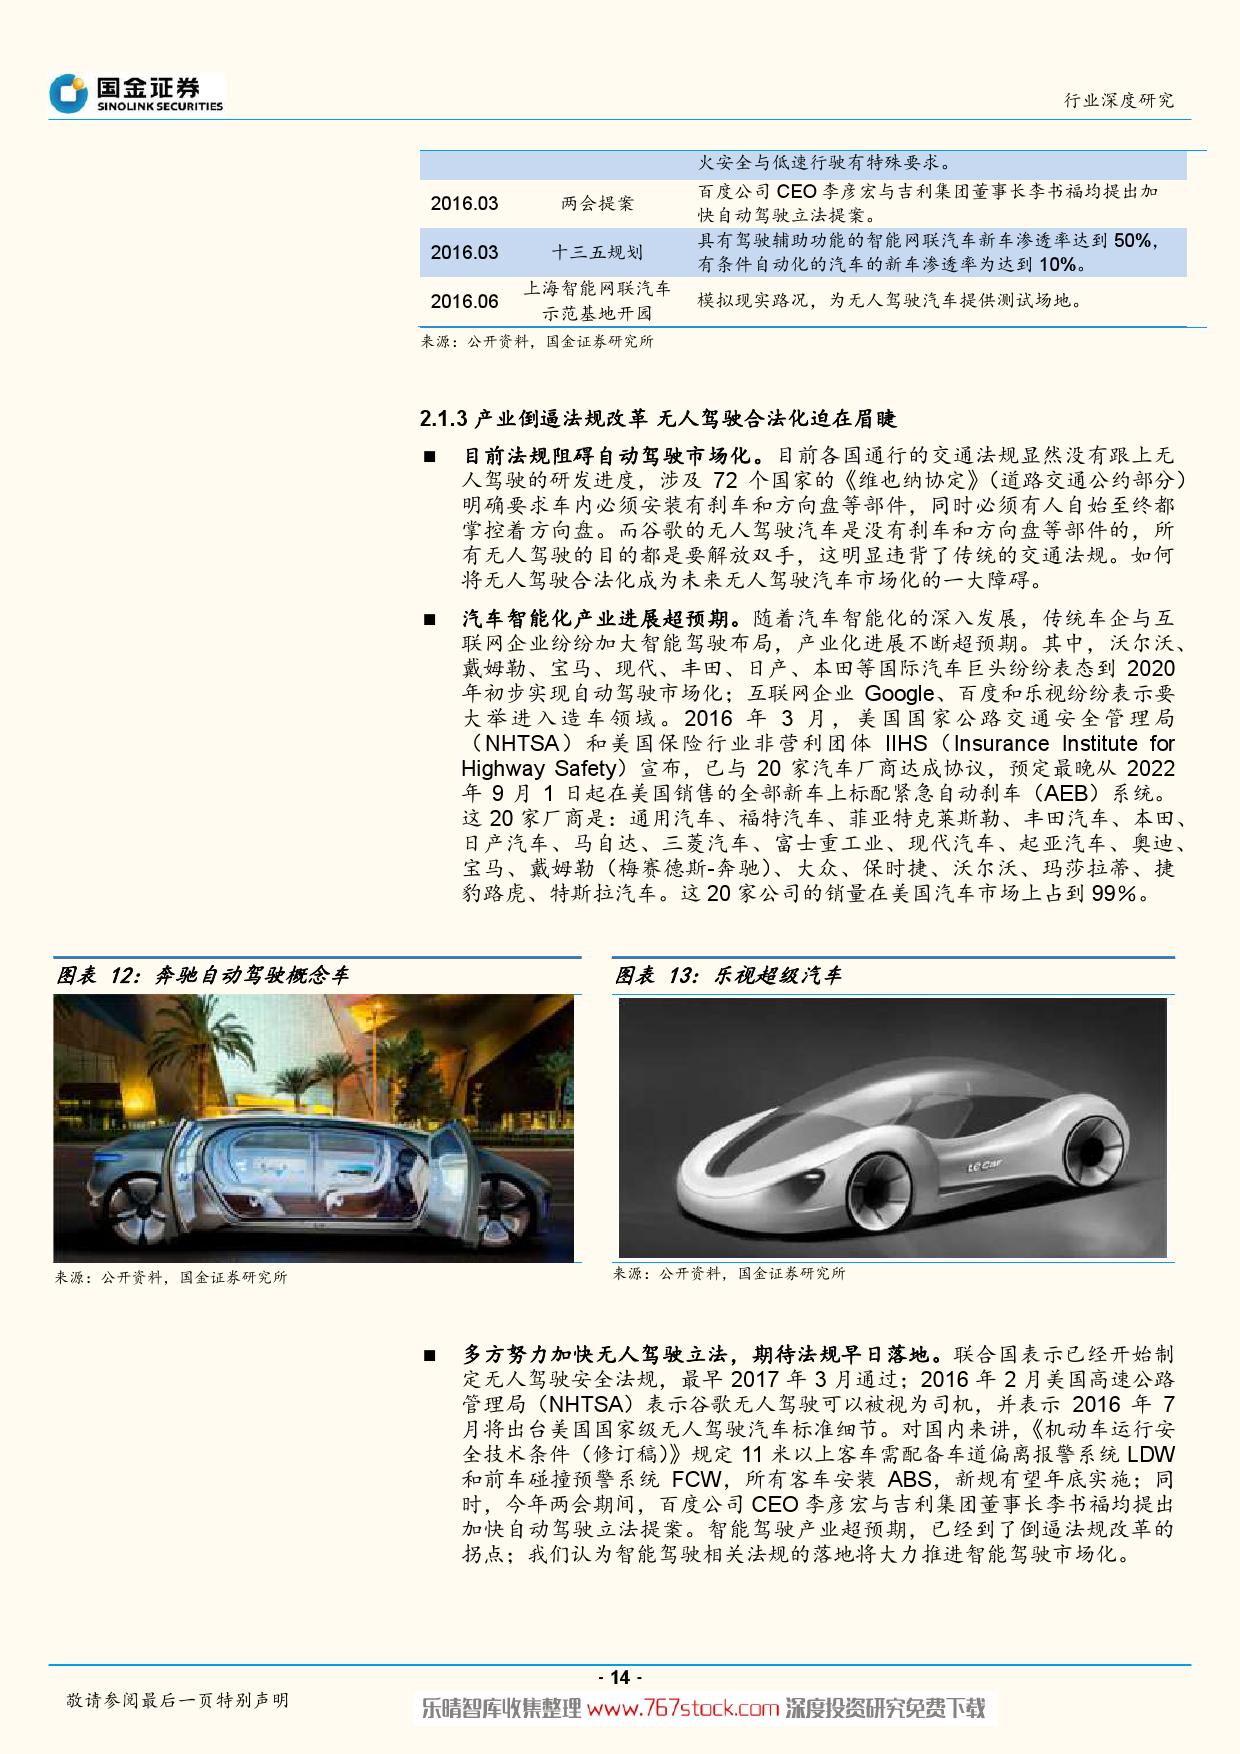 特斯拉产业系列深度报告-智能驾驶爆发在即_000014